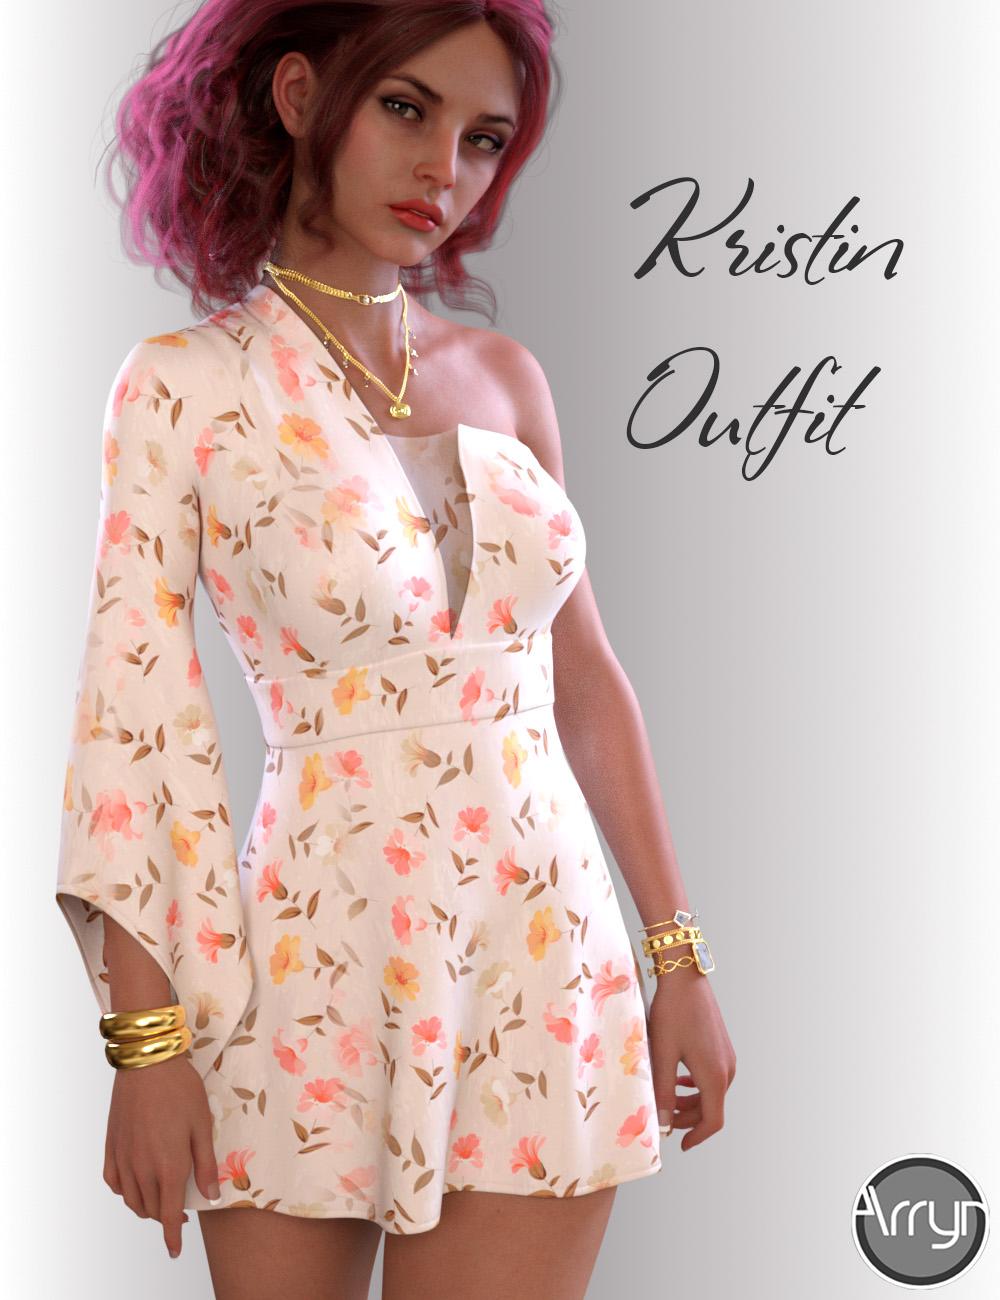 dForce Kristin Dress for Genesis 8 Females by: OnnelArryn, 3D Models by Daz 3D